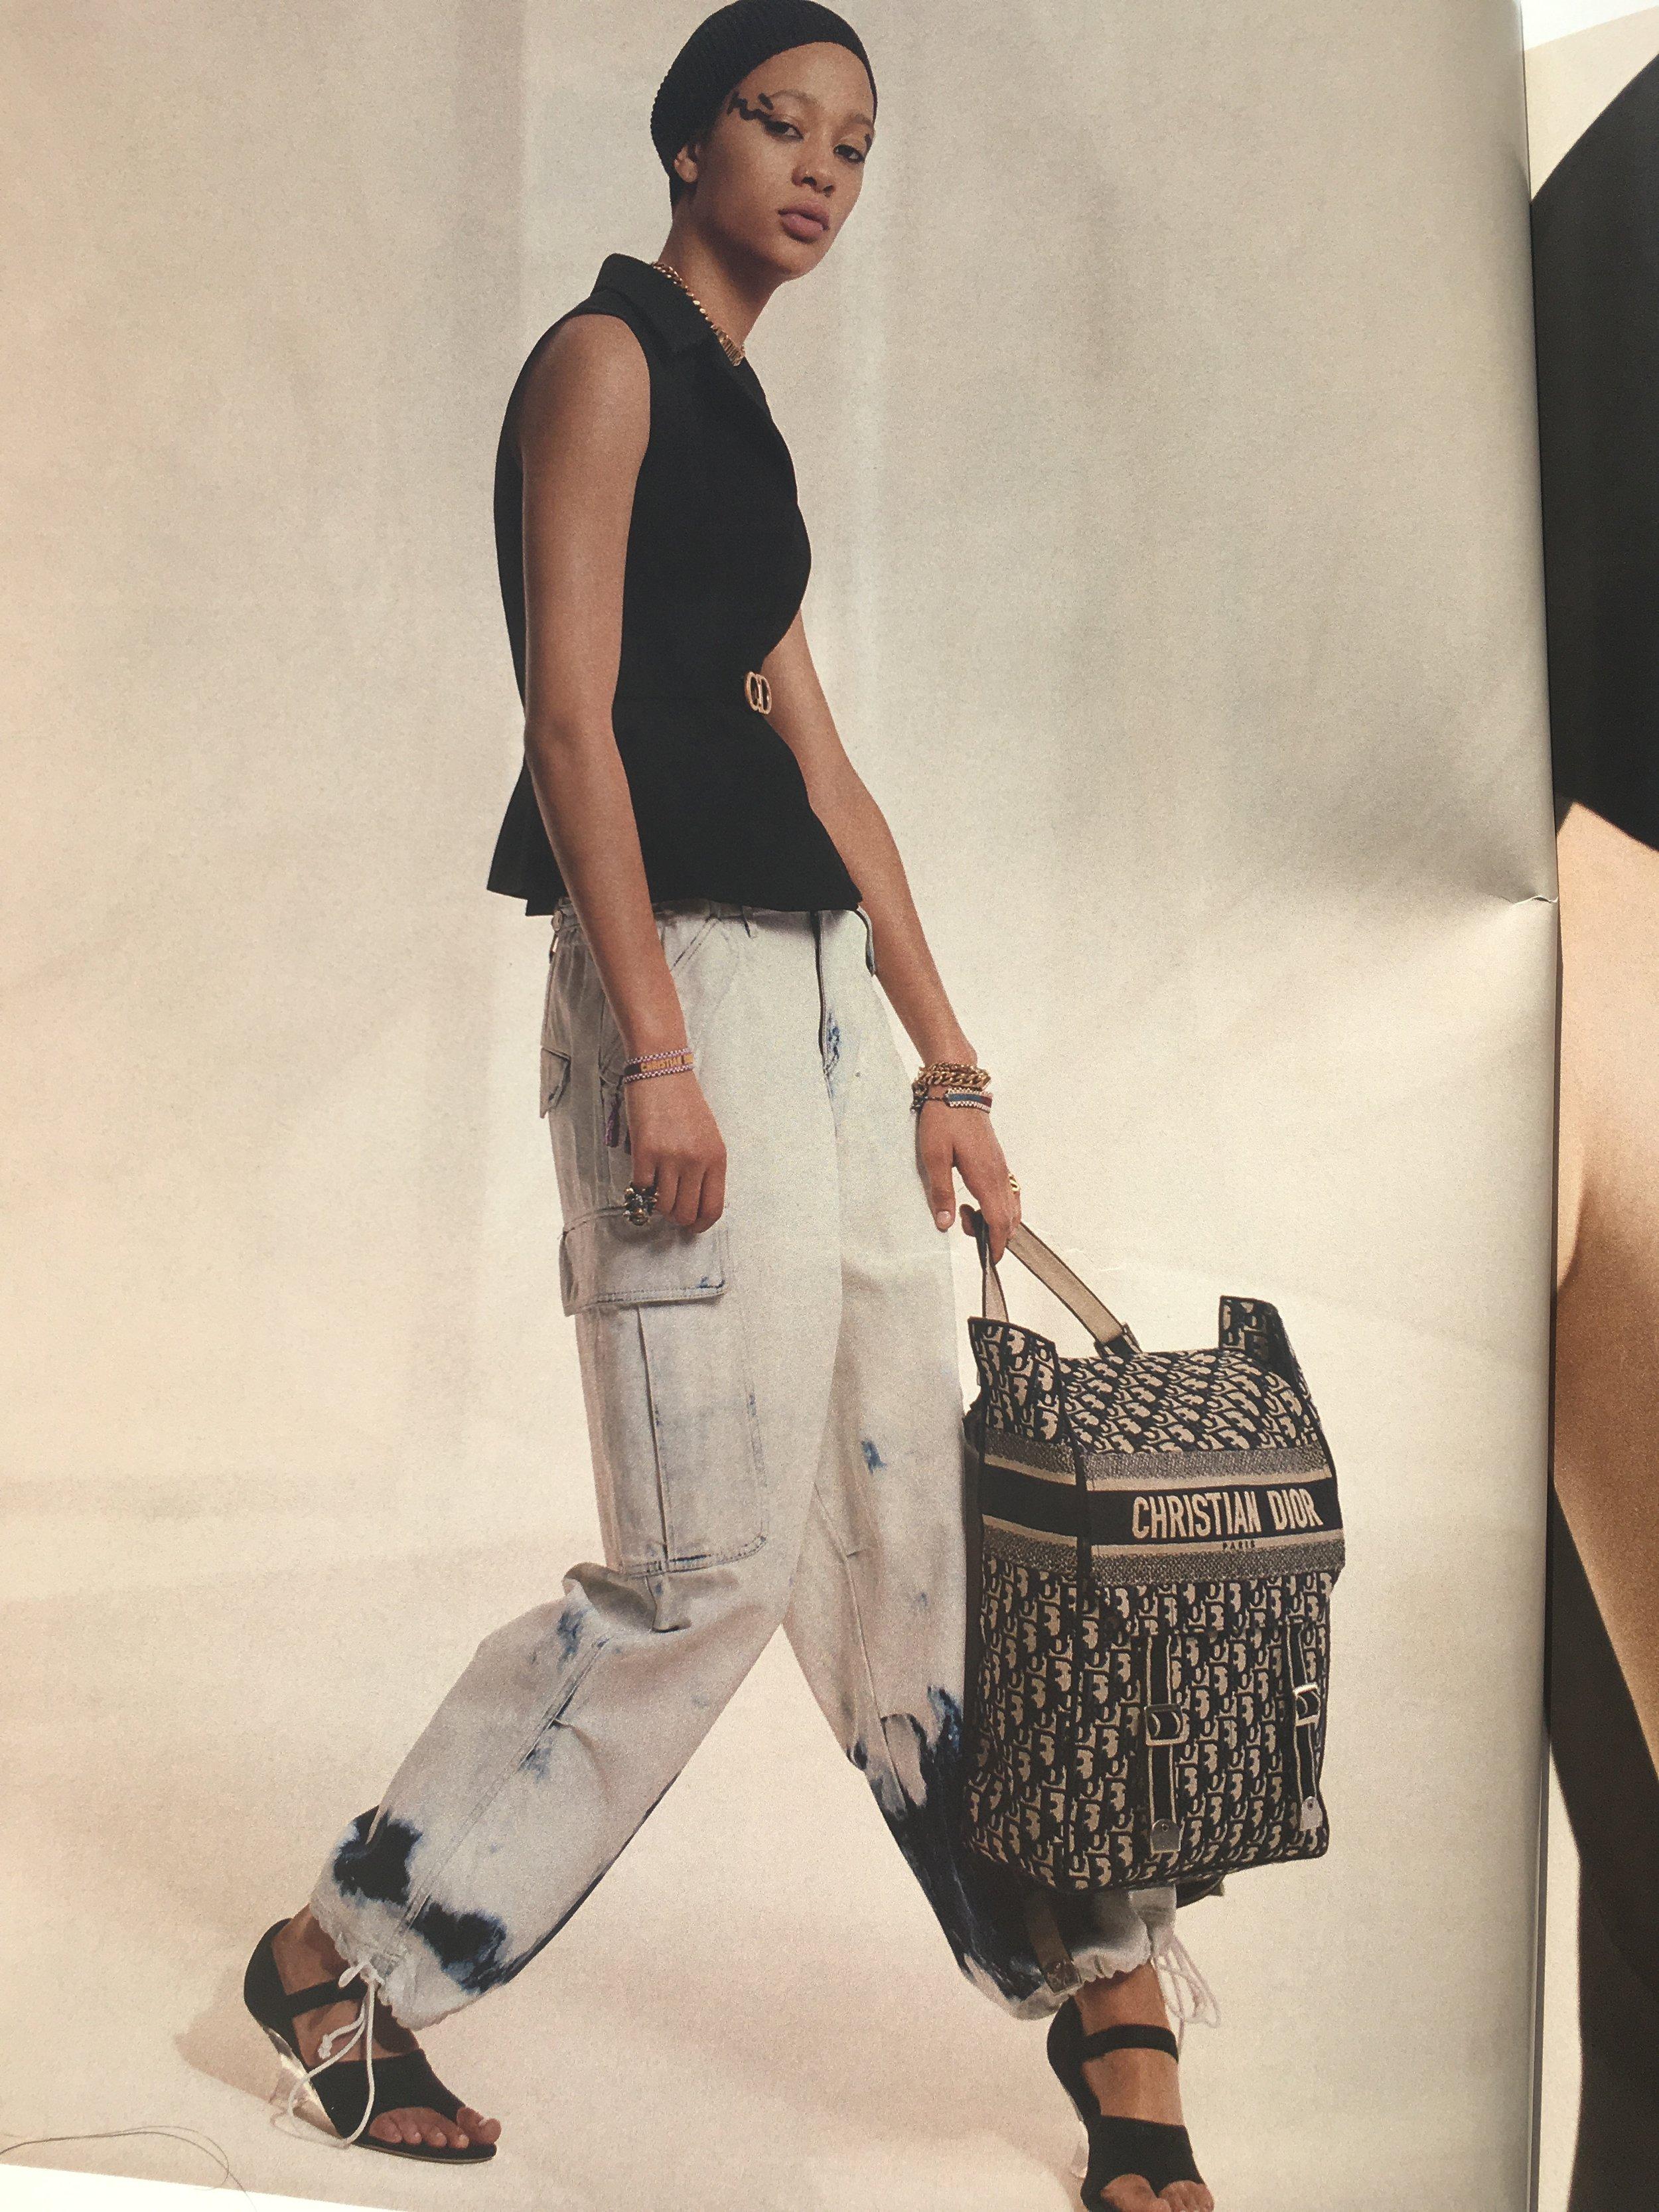 Crazy Dior cargos!